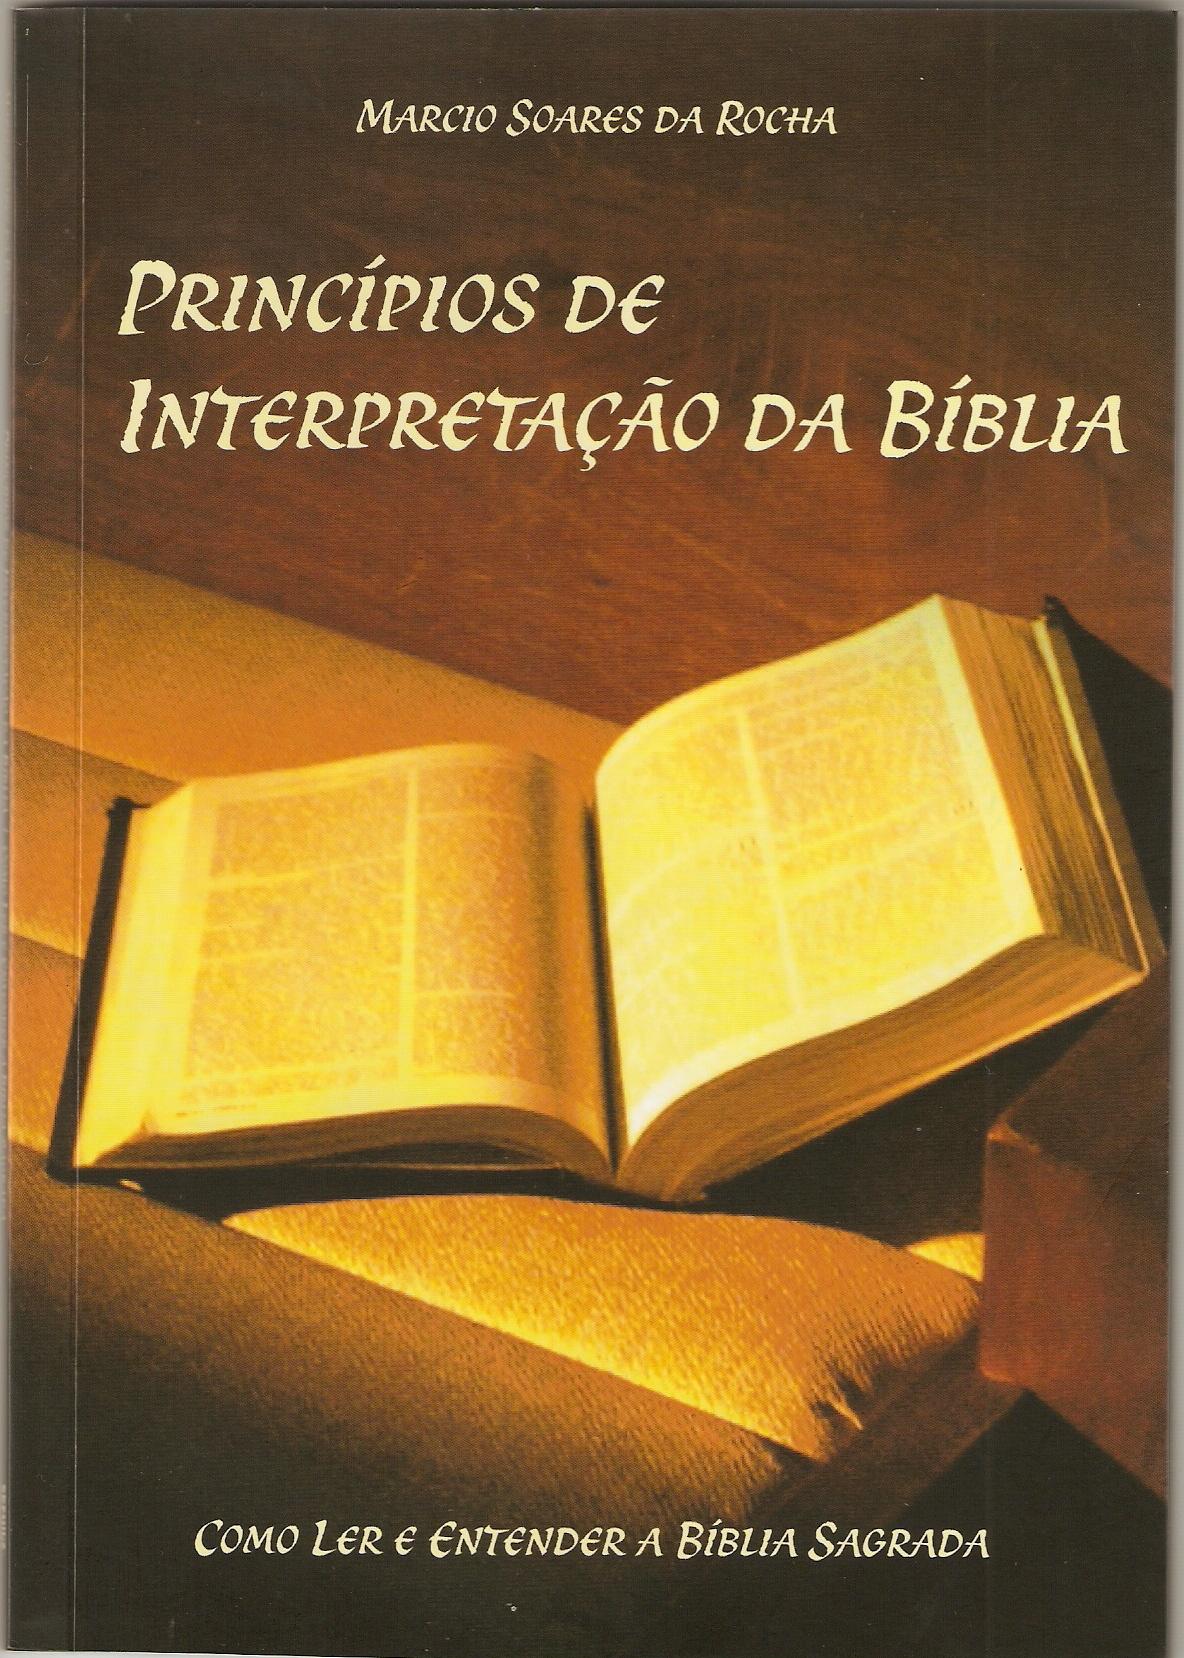 """Livro """"Princípios de Interpretação da Bíblia"""", agora à venda pela Bookstant.com"""